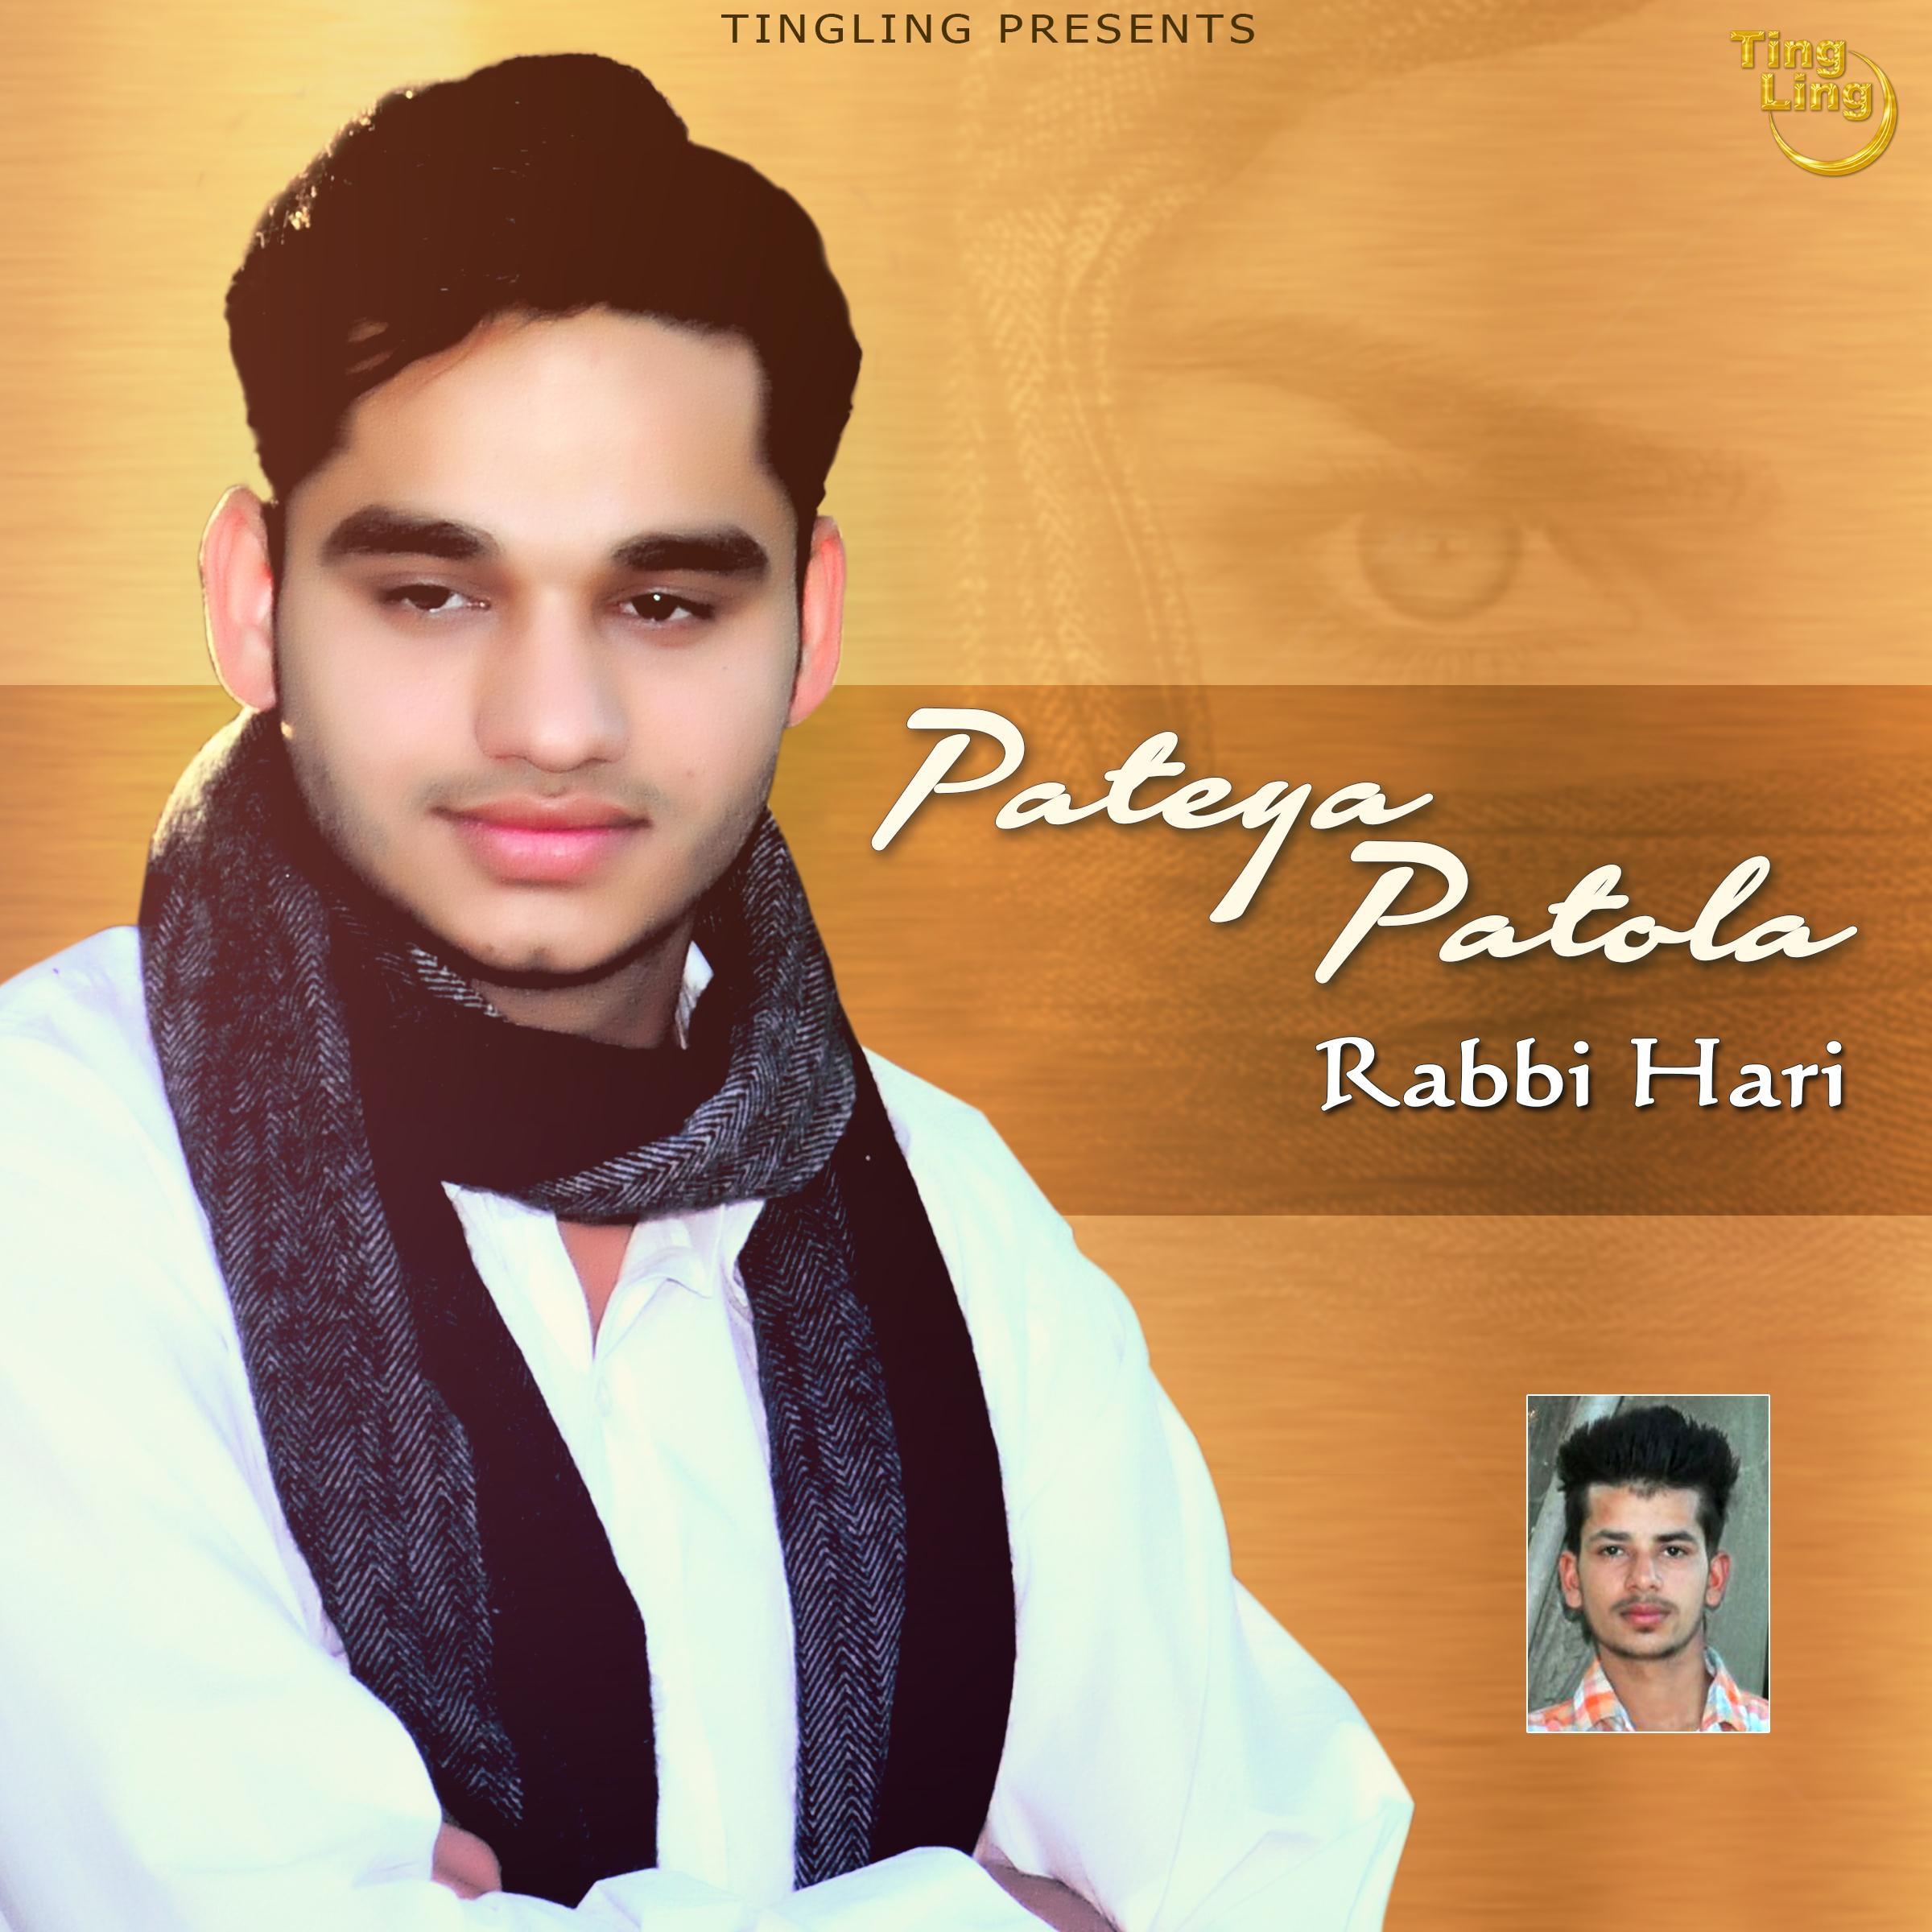 Pateya Patola - Single